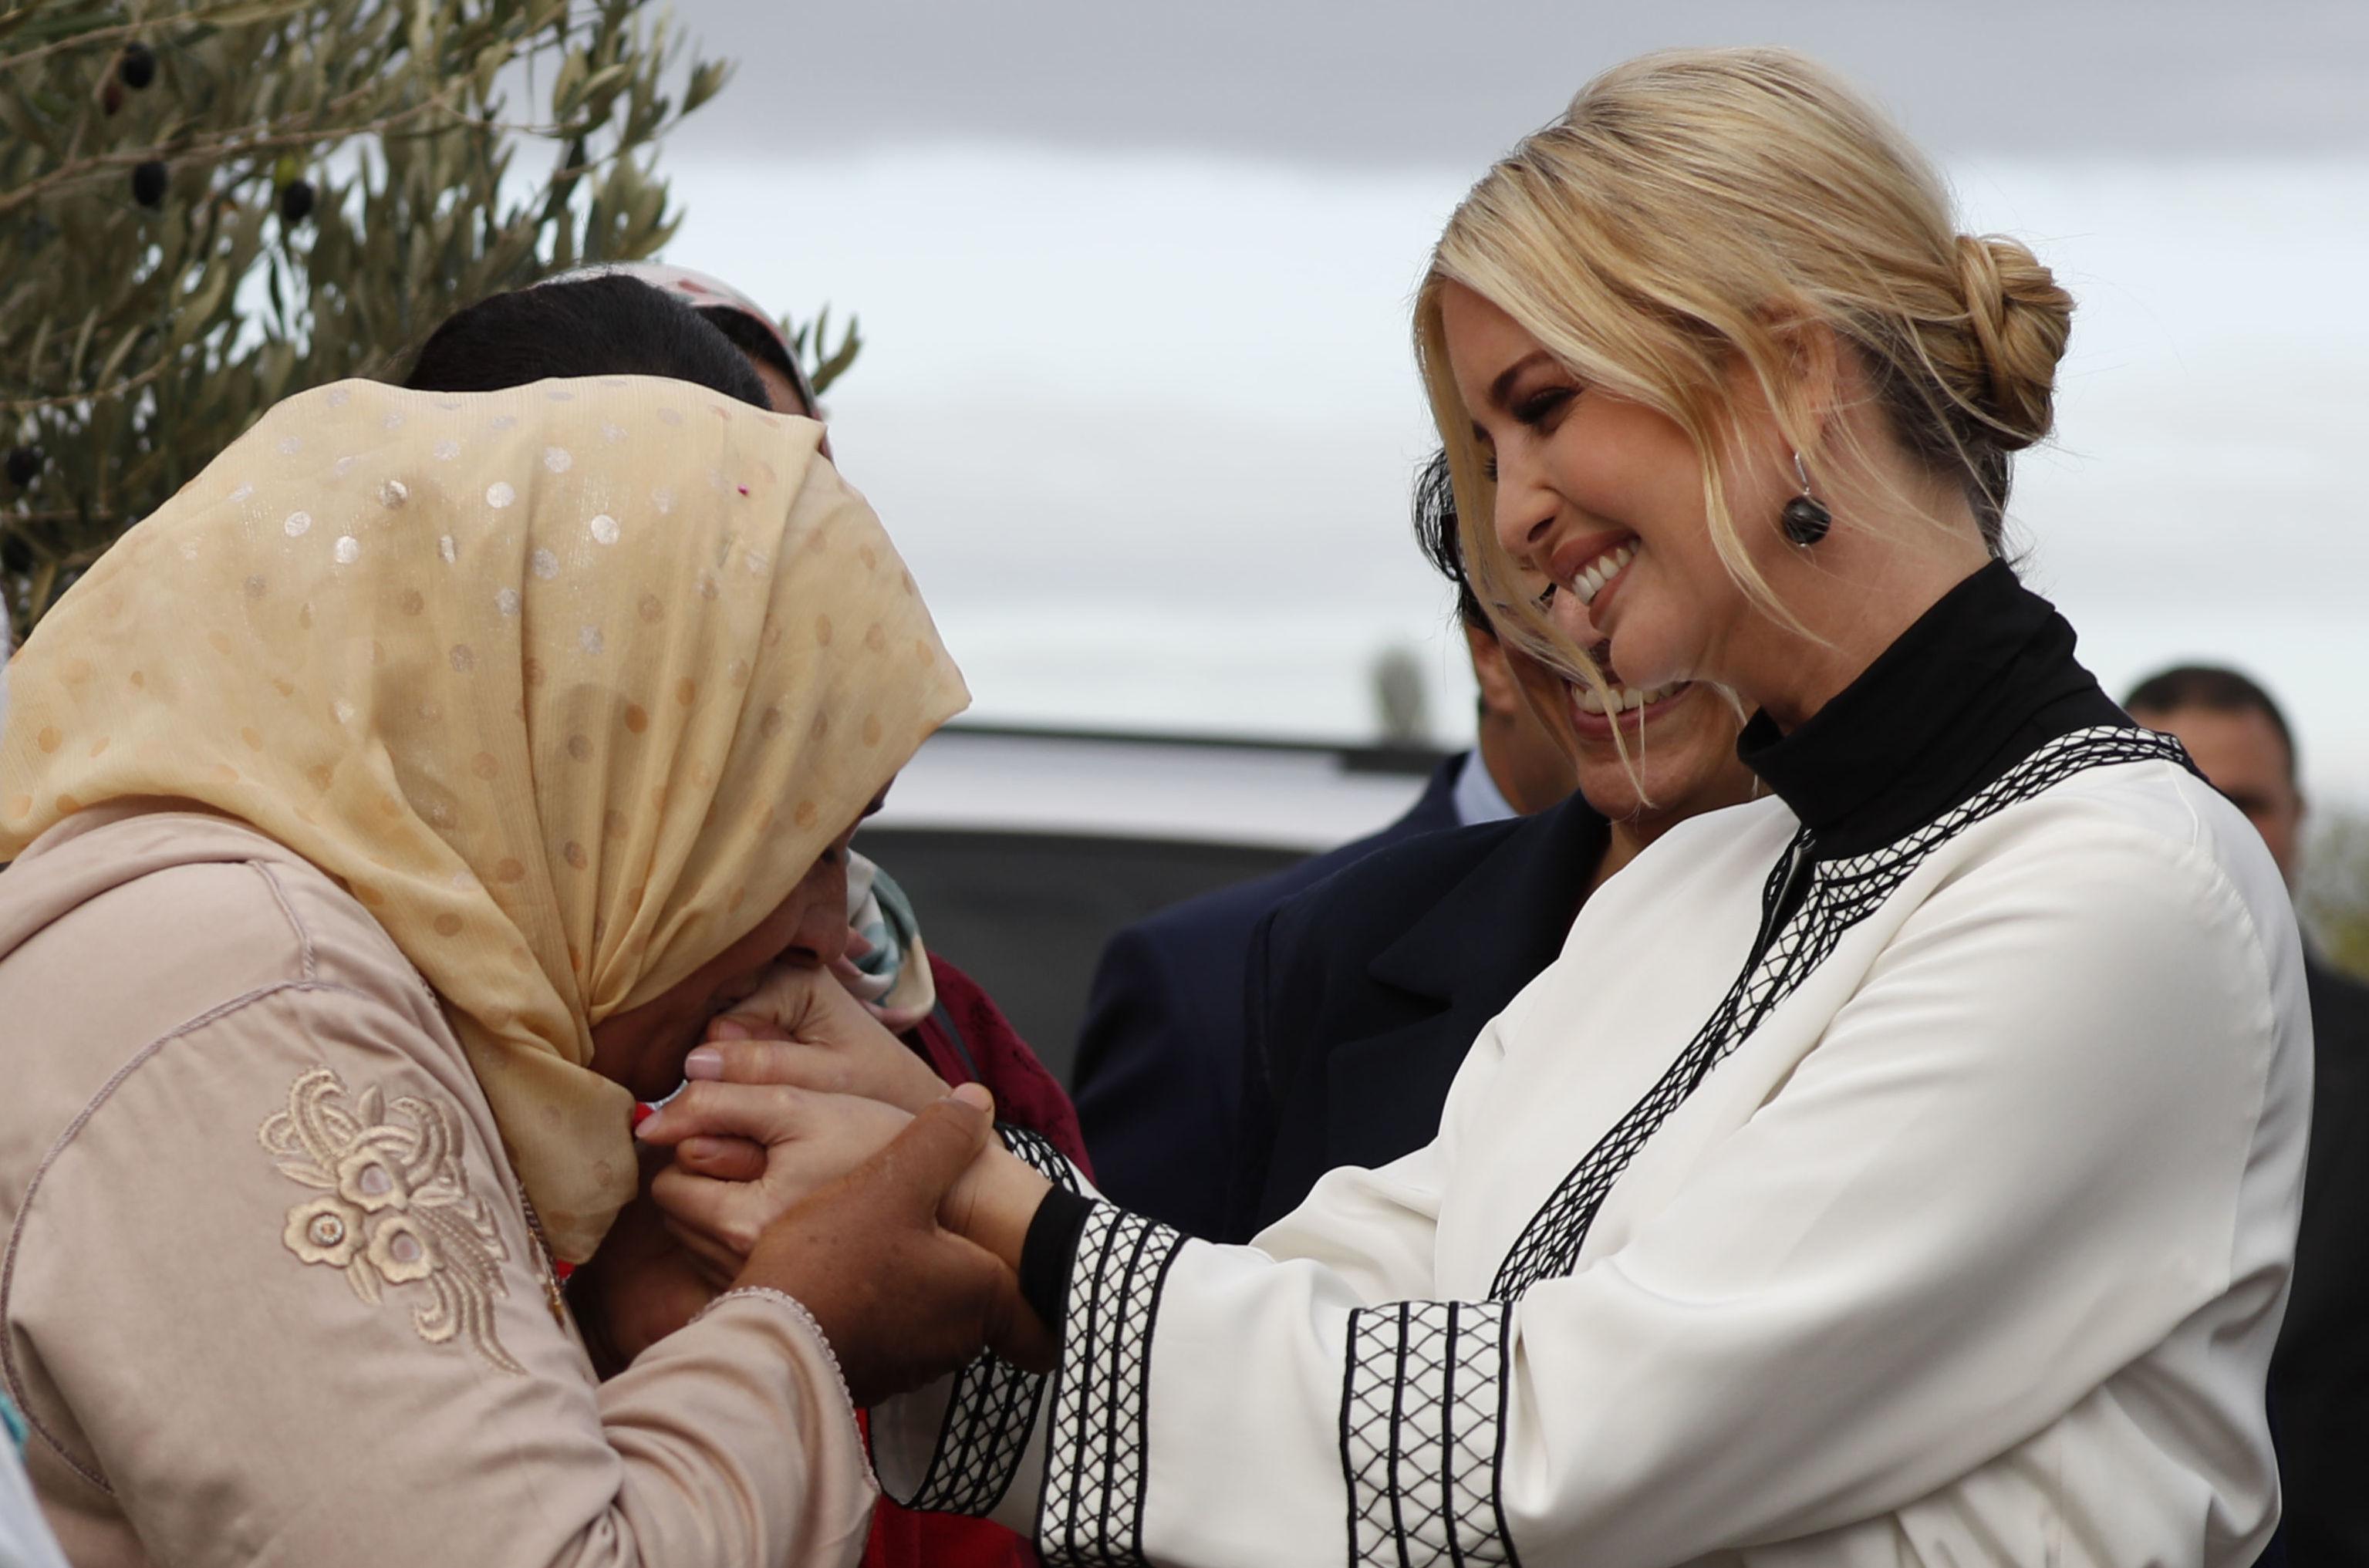 مزارعة مغربية تقبل يد إيفانكا ترامب، المغرب، 7 نوفمبر/تشرين الثاني 2019